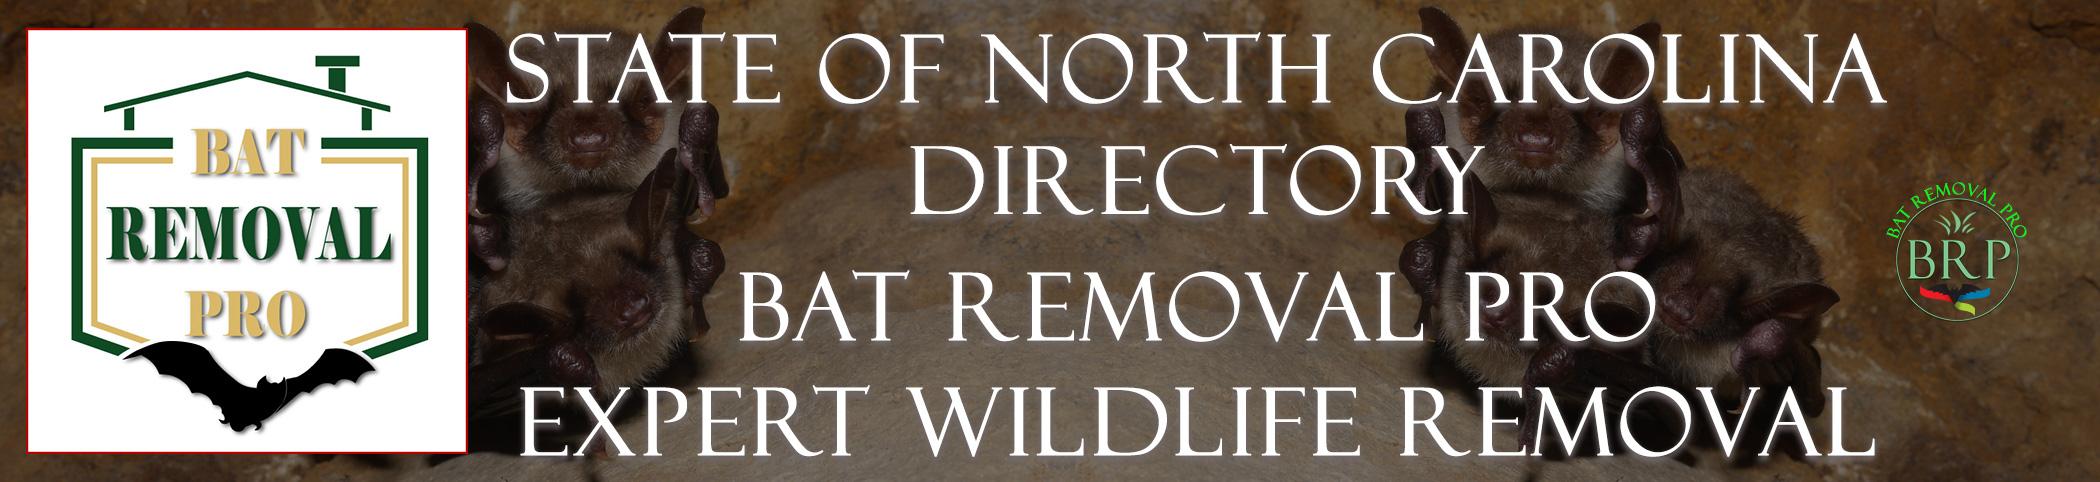 NORTH-CAROLINA-bat-removal-at-bat-removal-pro-header-image